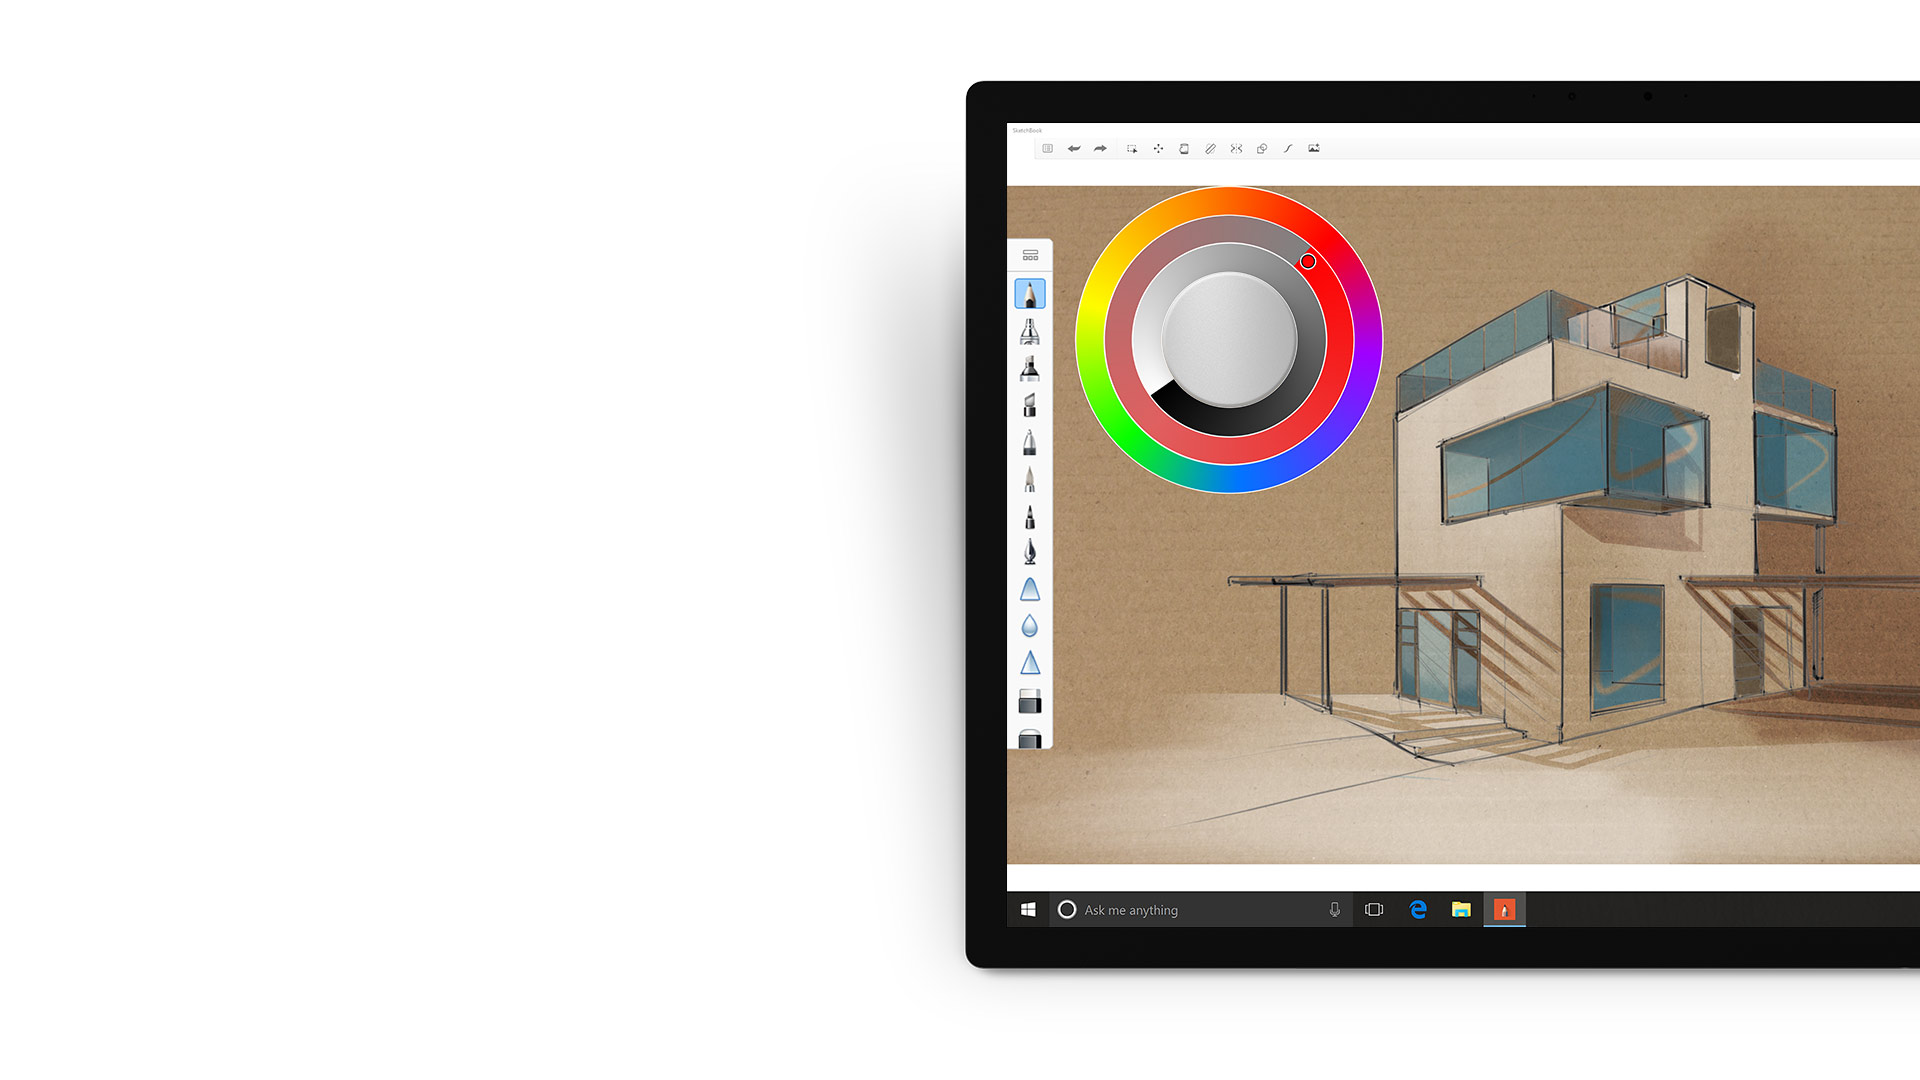 SketchBook-App auf einem Surface-Gerät.